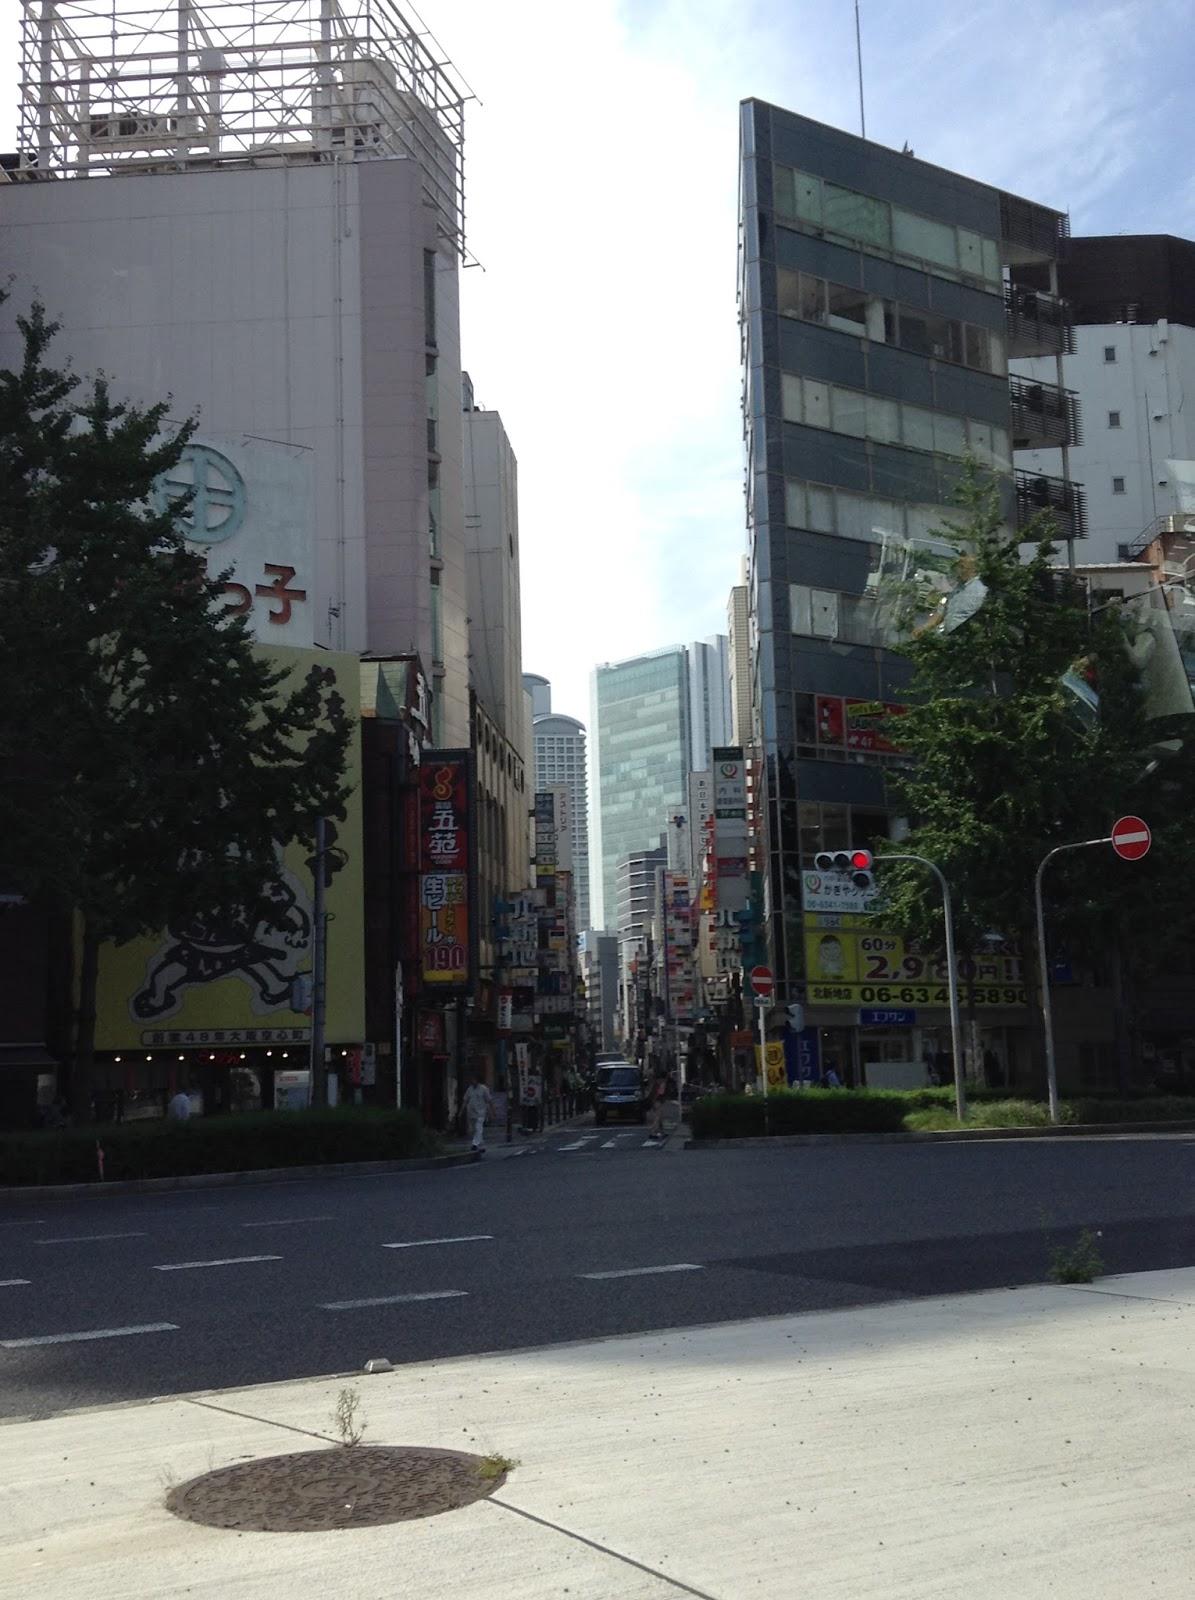 Osaka street Japan